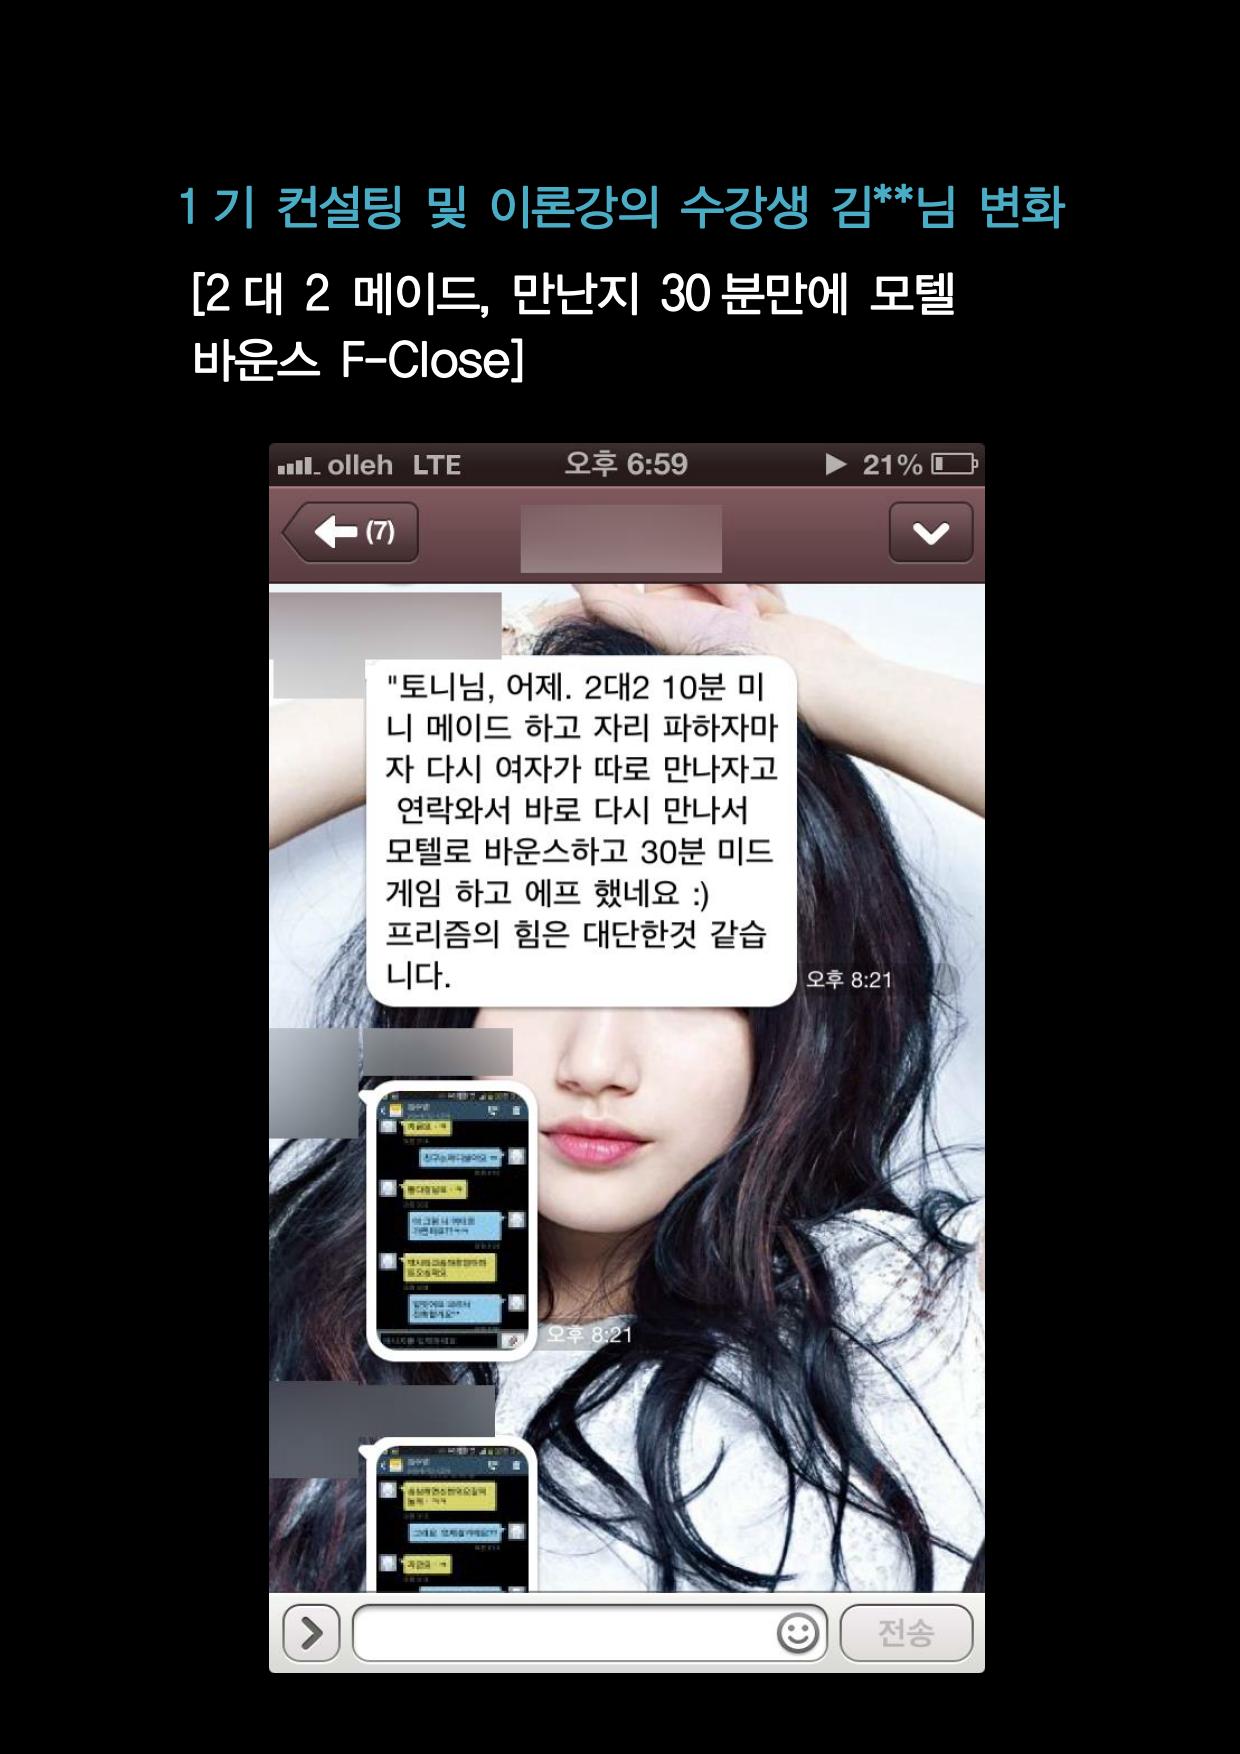 본 머티리어 1회차 홍보글 v3(수강후기 따로 편집요함)_28.png